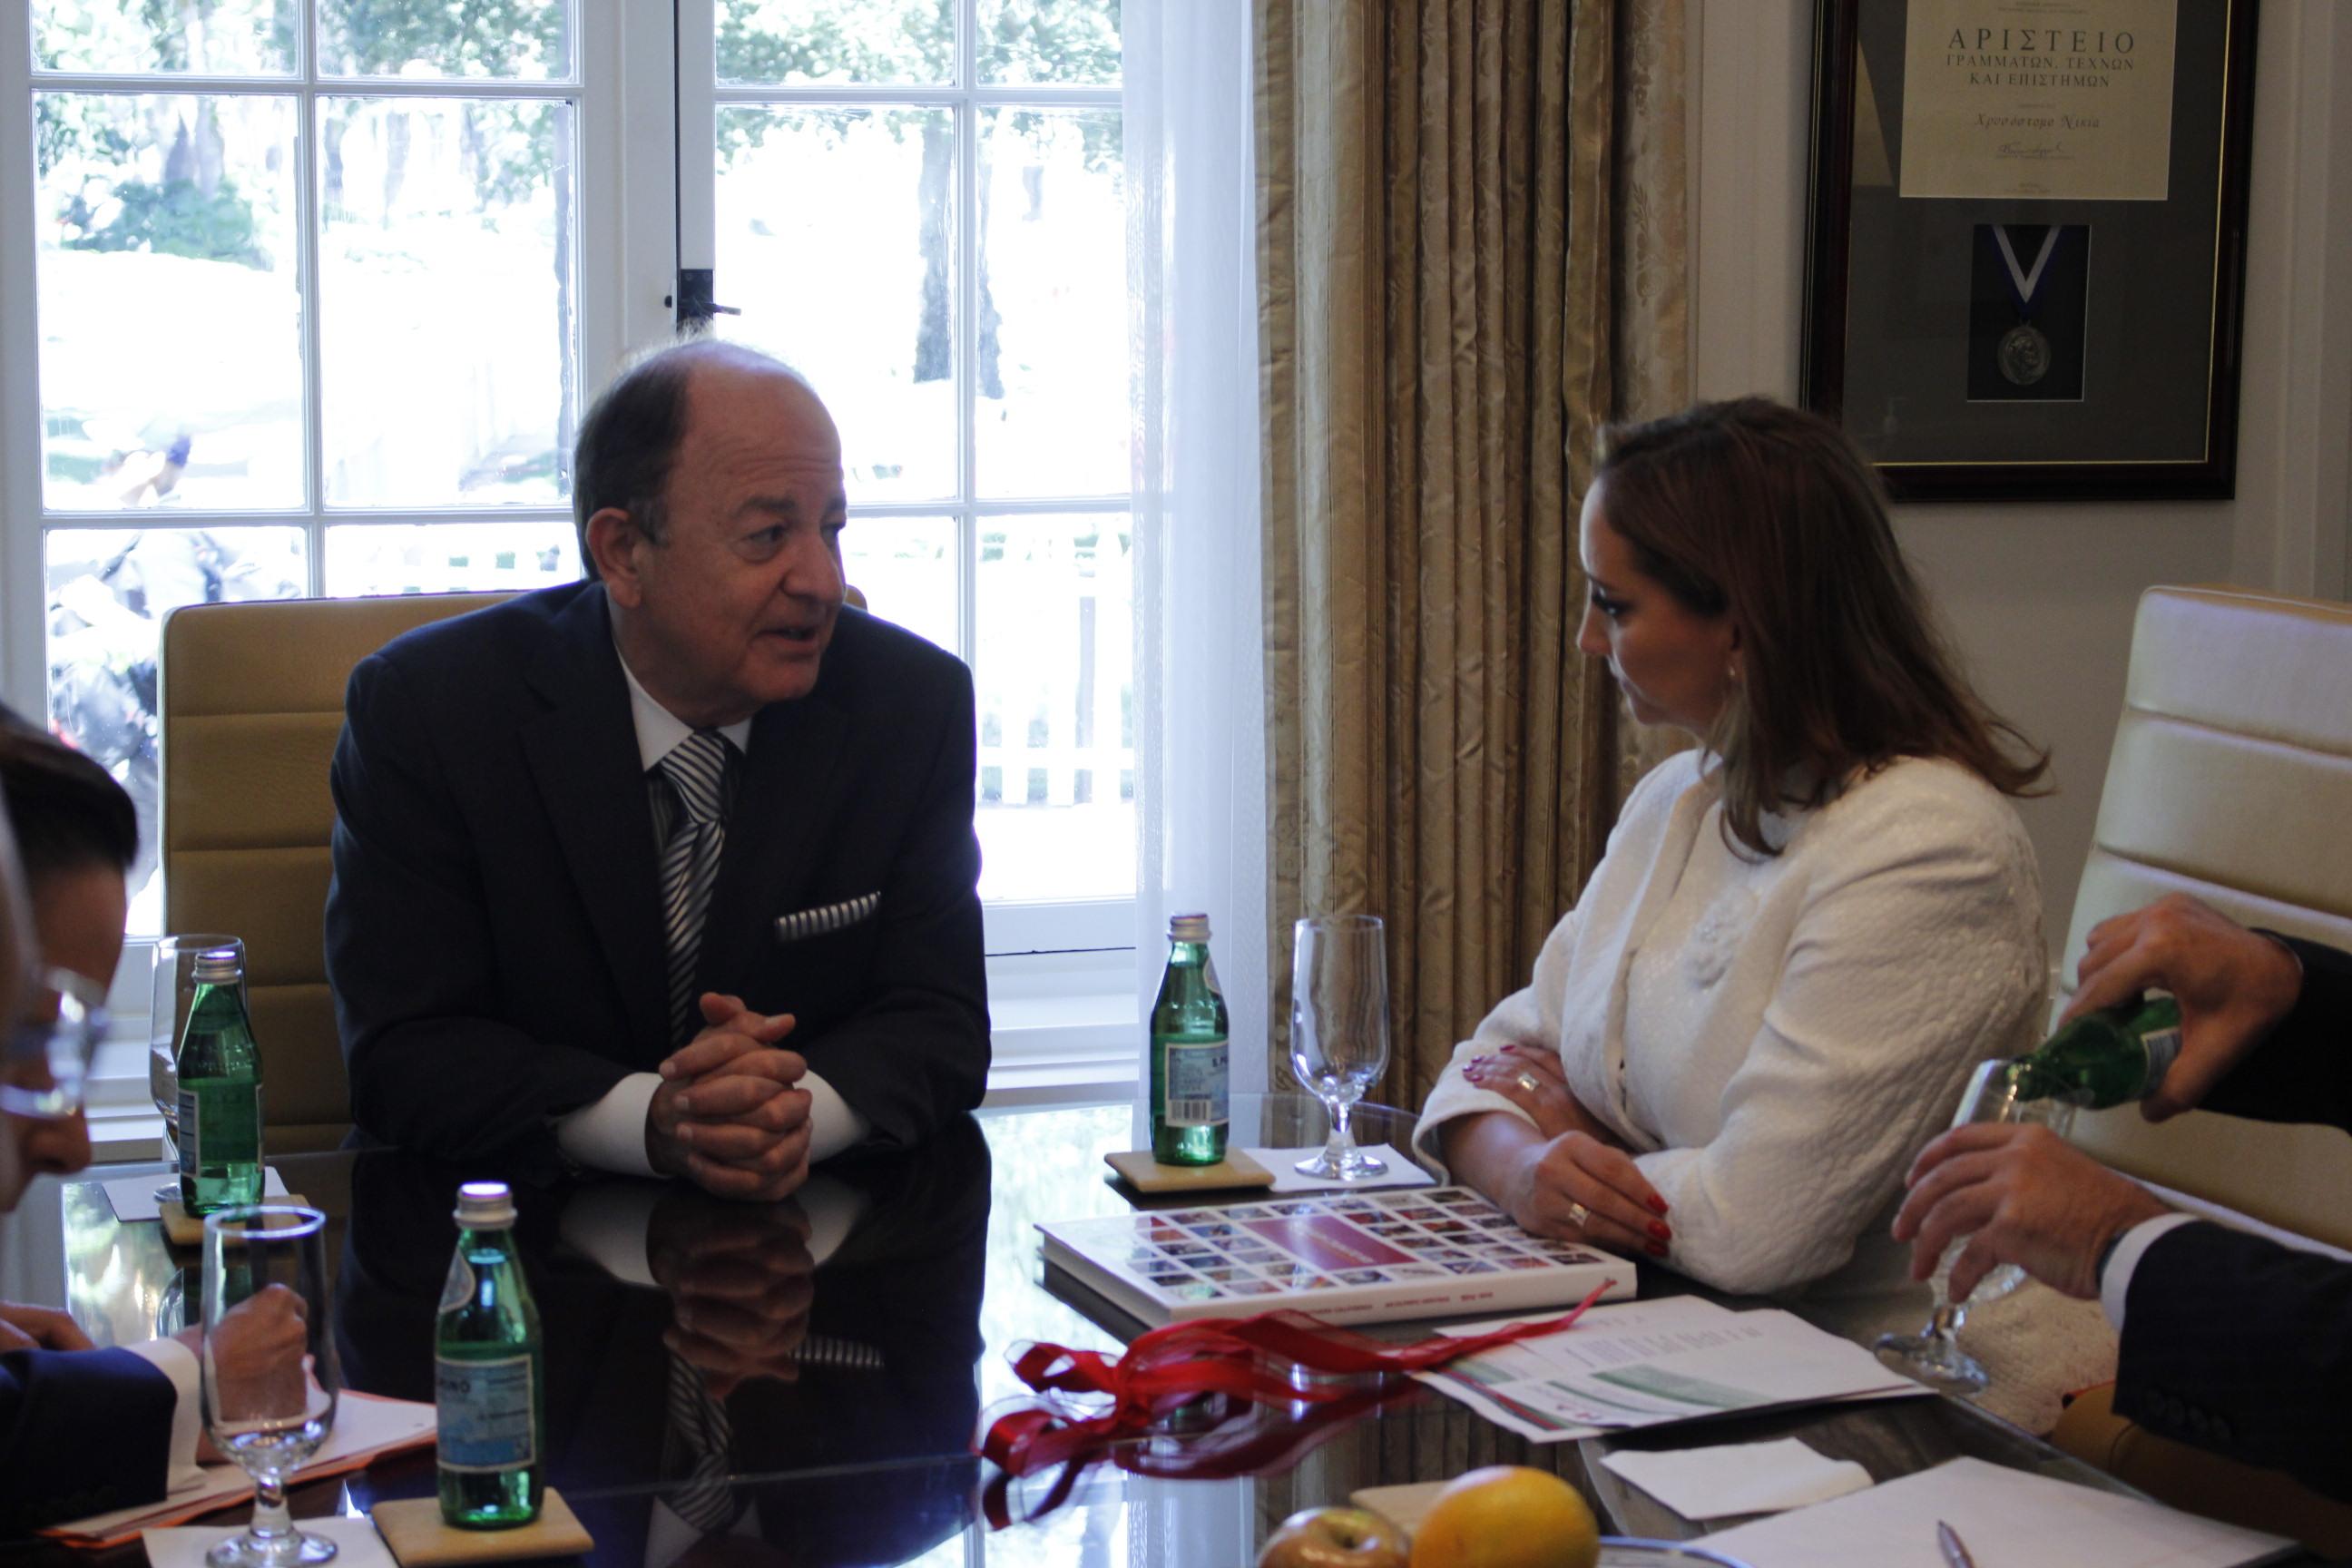 La Secretaria Ruiz Massieu sostuvo un encuentro con Max Nikias el Presidente de la Universidad del Sur de California